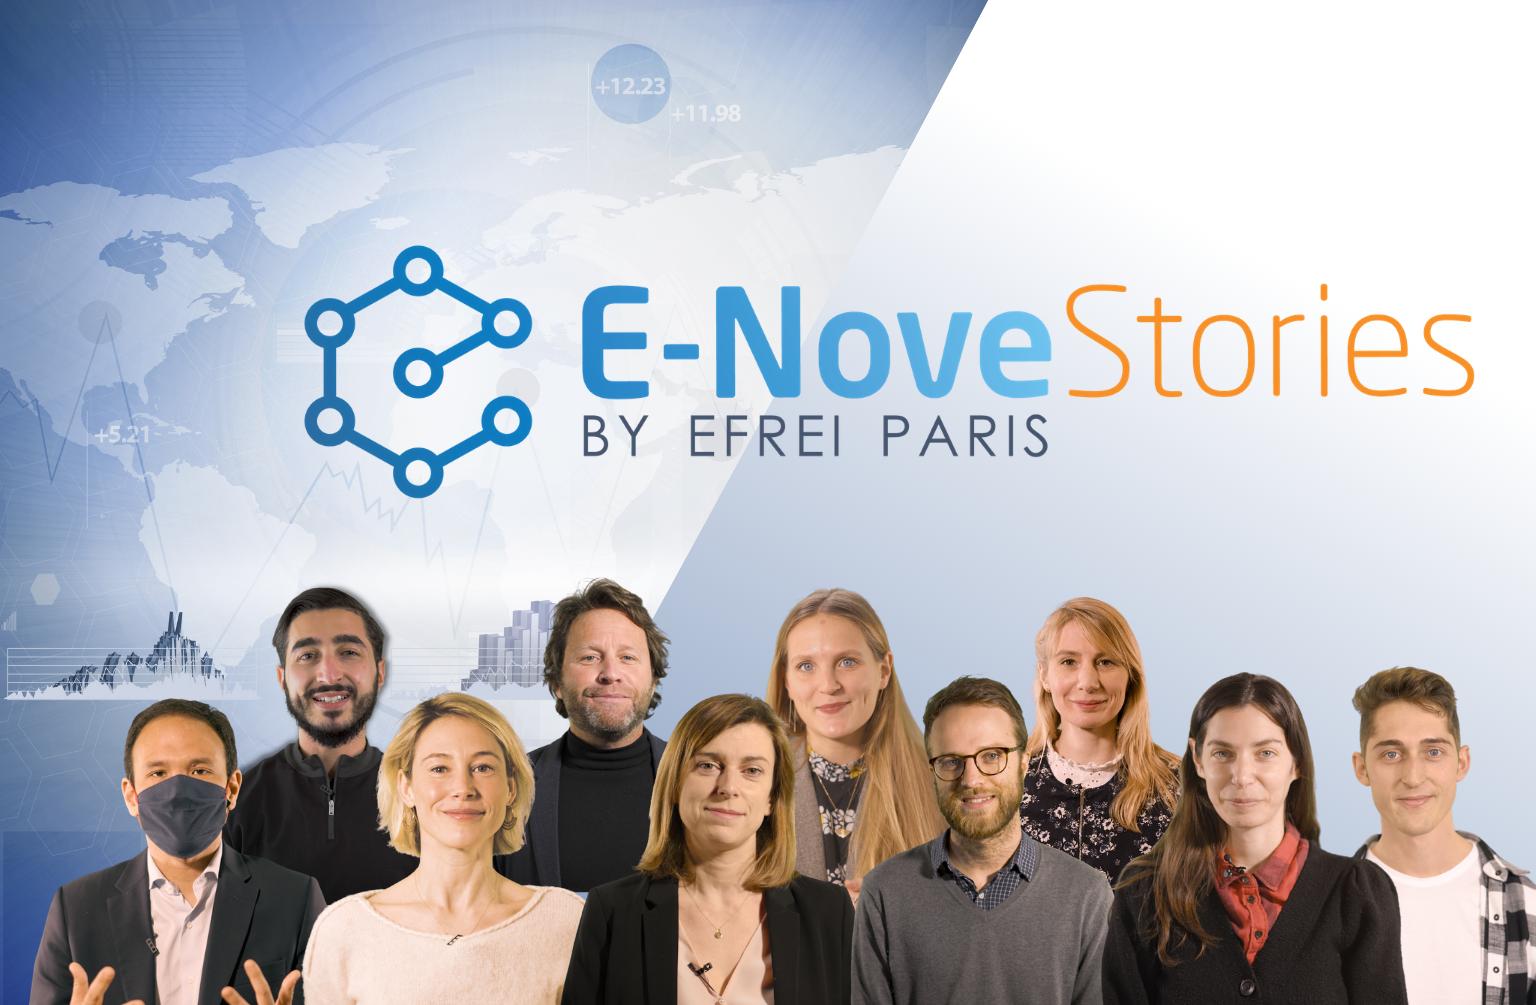 E-Nove Stories